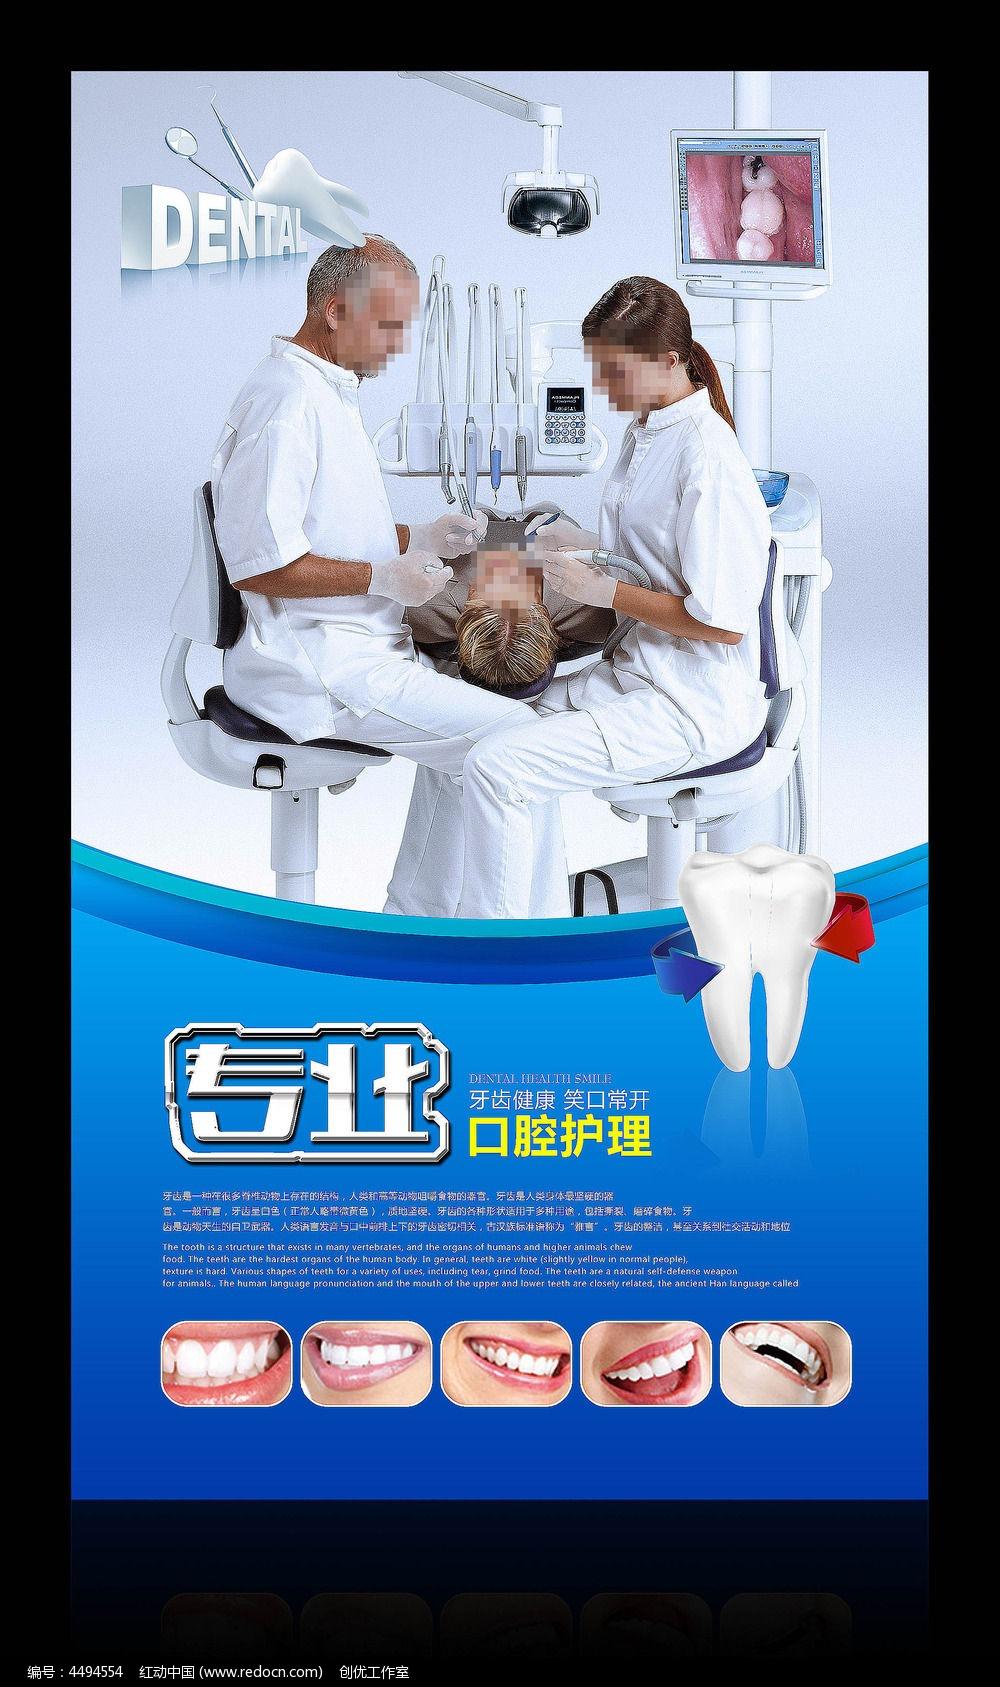 口腔医院宣传展板设计图片